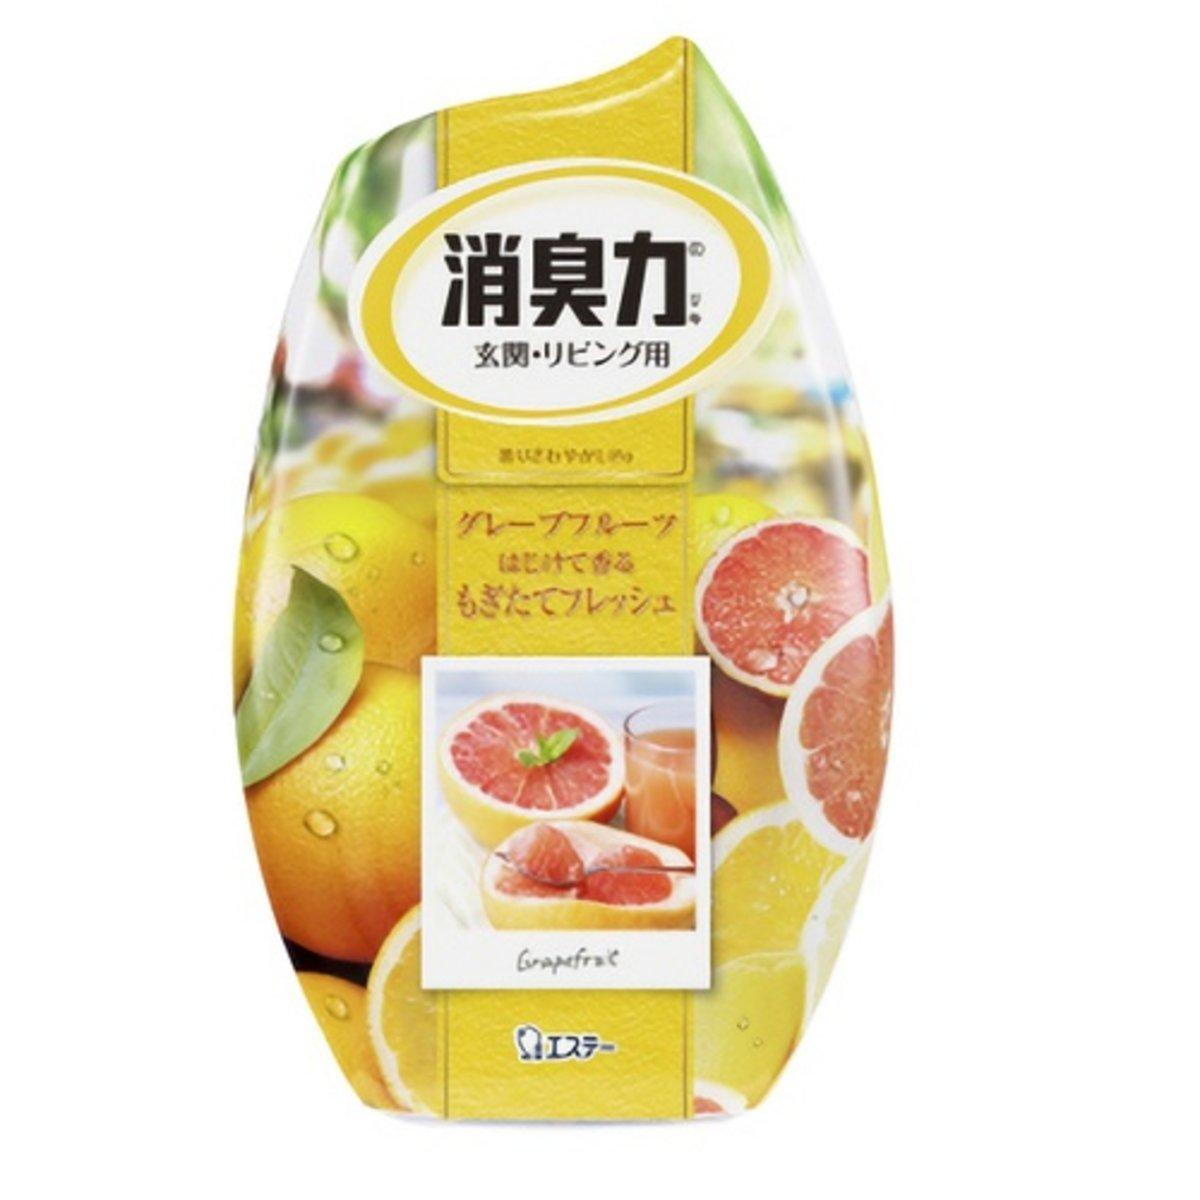 S.T. Corporation Indoor Deodorant (Yellow) #Grapefruit 400ml